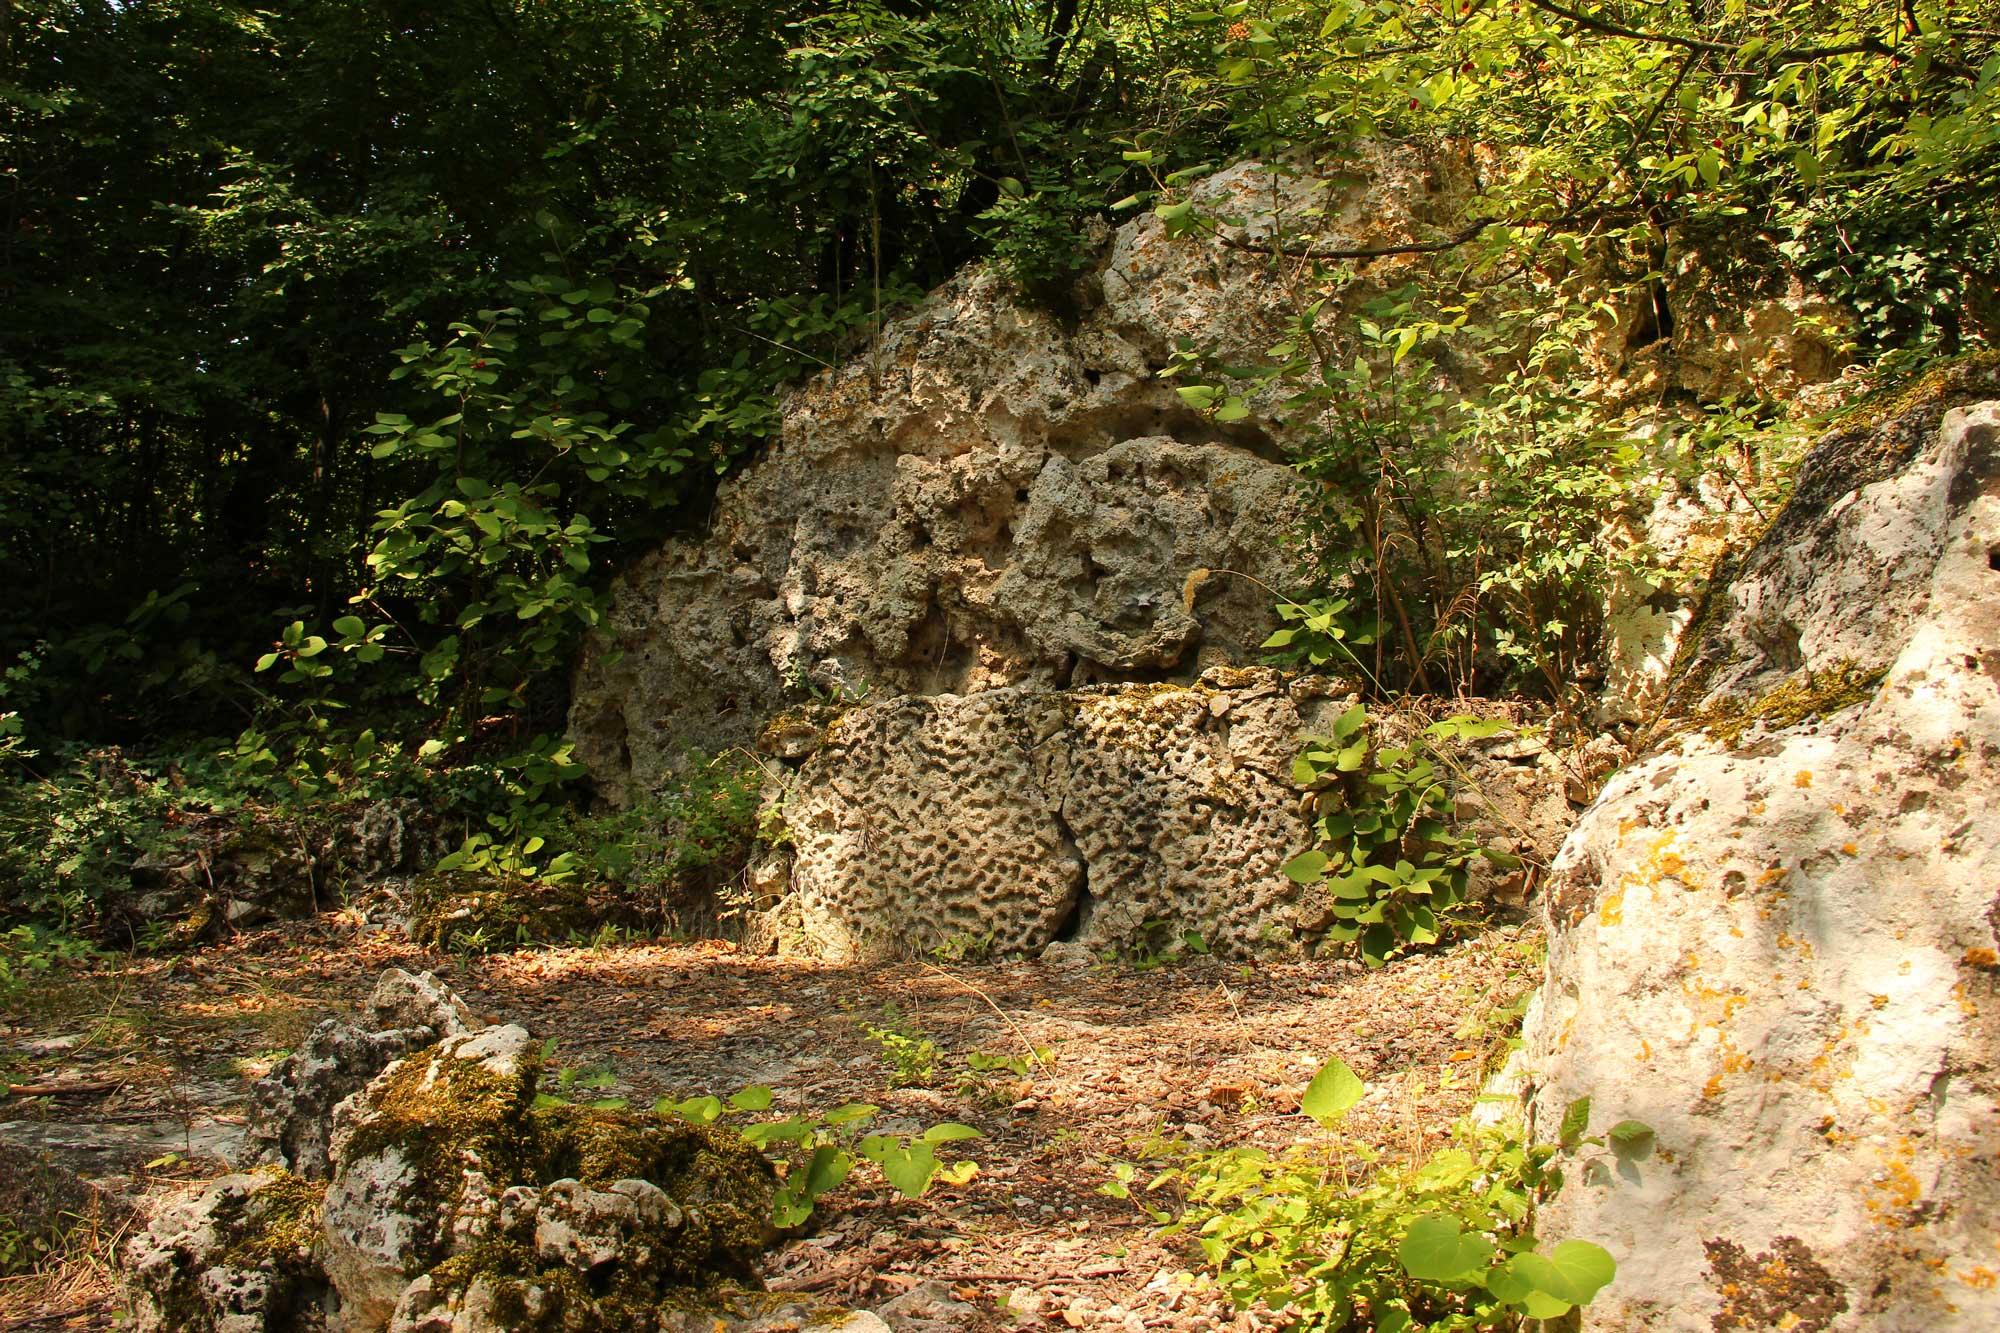 необычная форма каменных наслоений